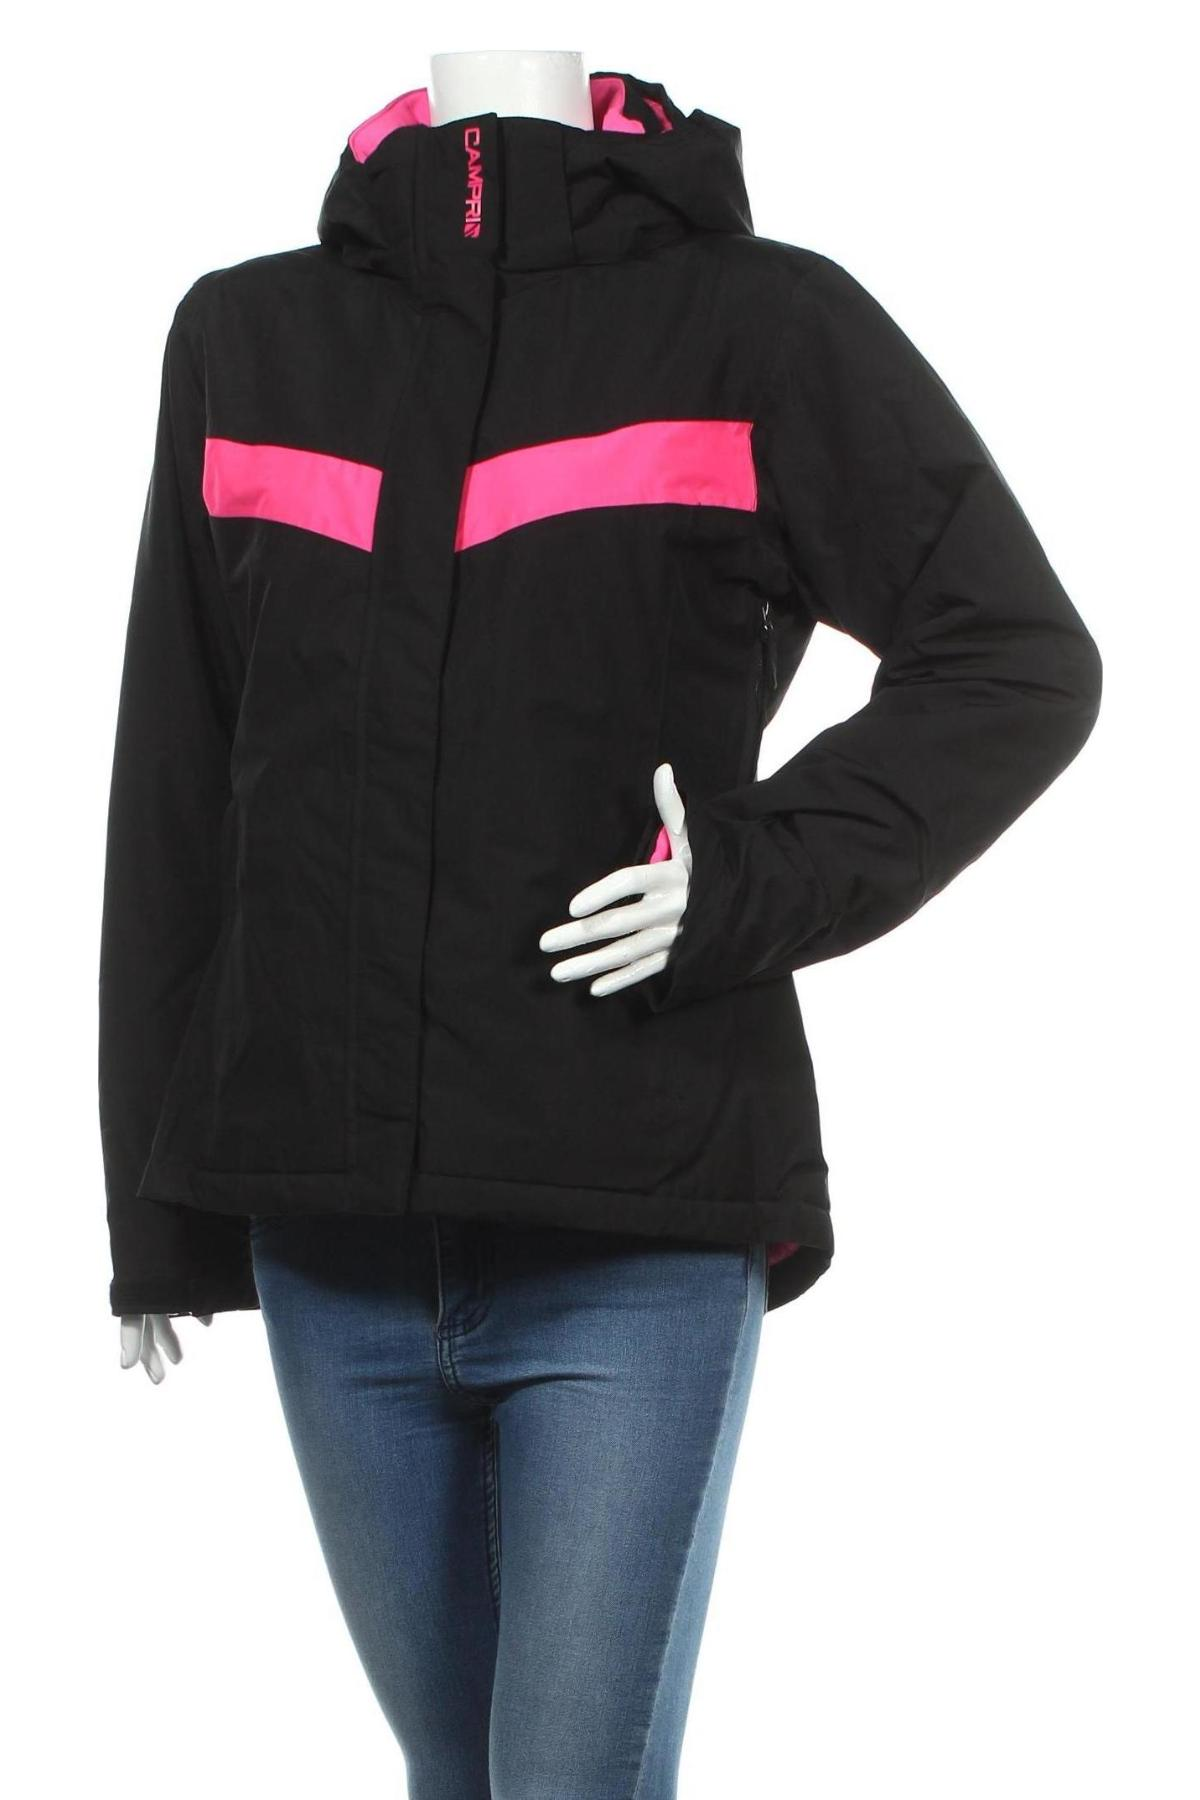 Дамско яке за зимни спортове Campri, Размер L, Цвят Черен, Полиестер, Цена 91,00лв.